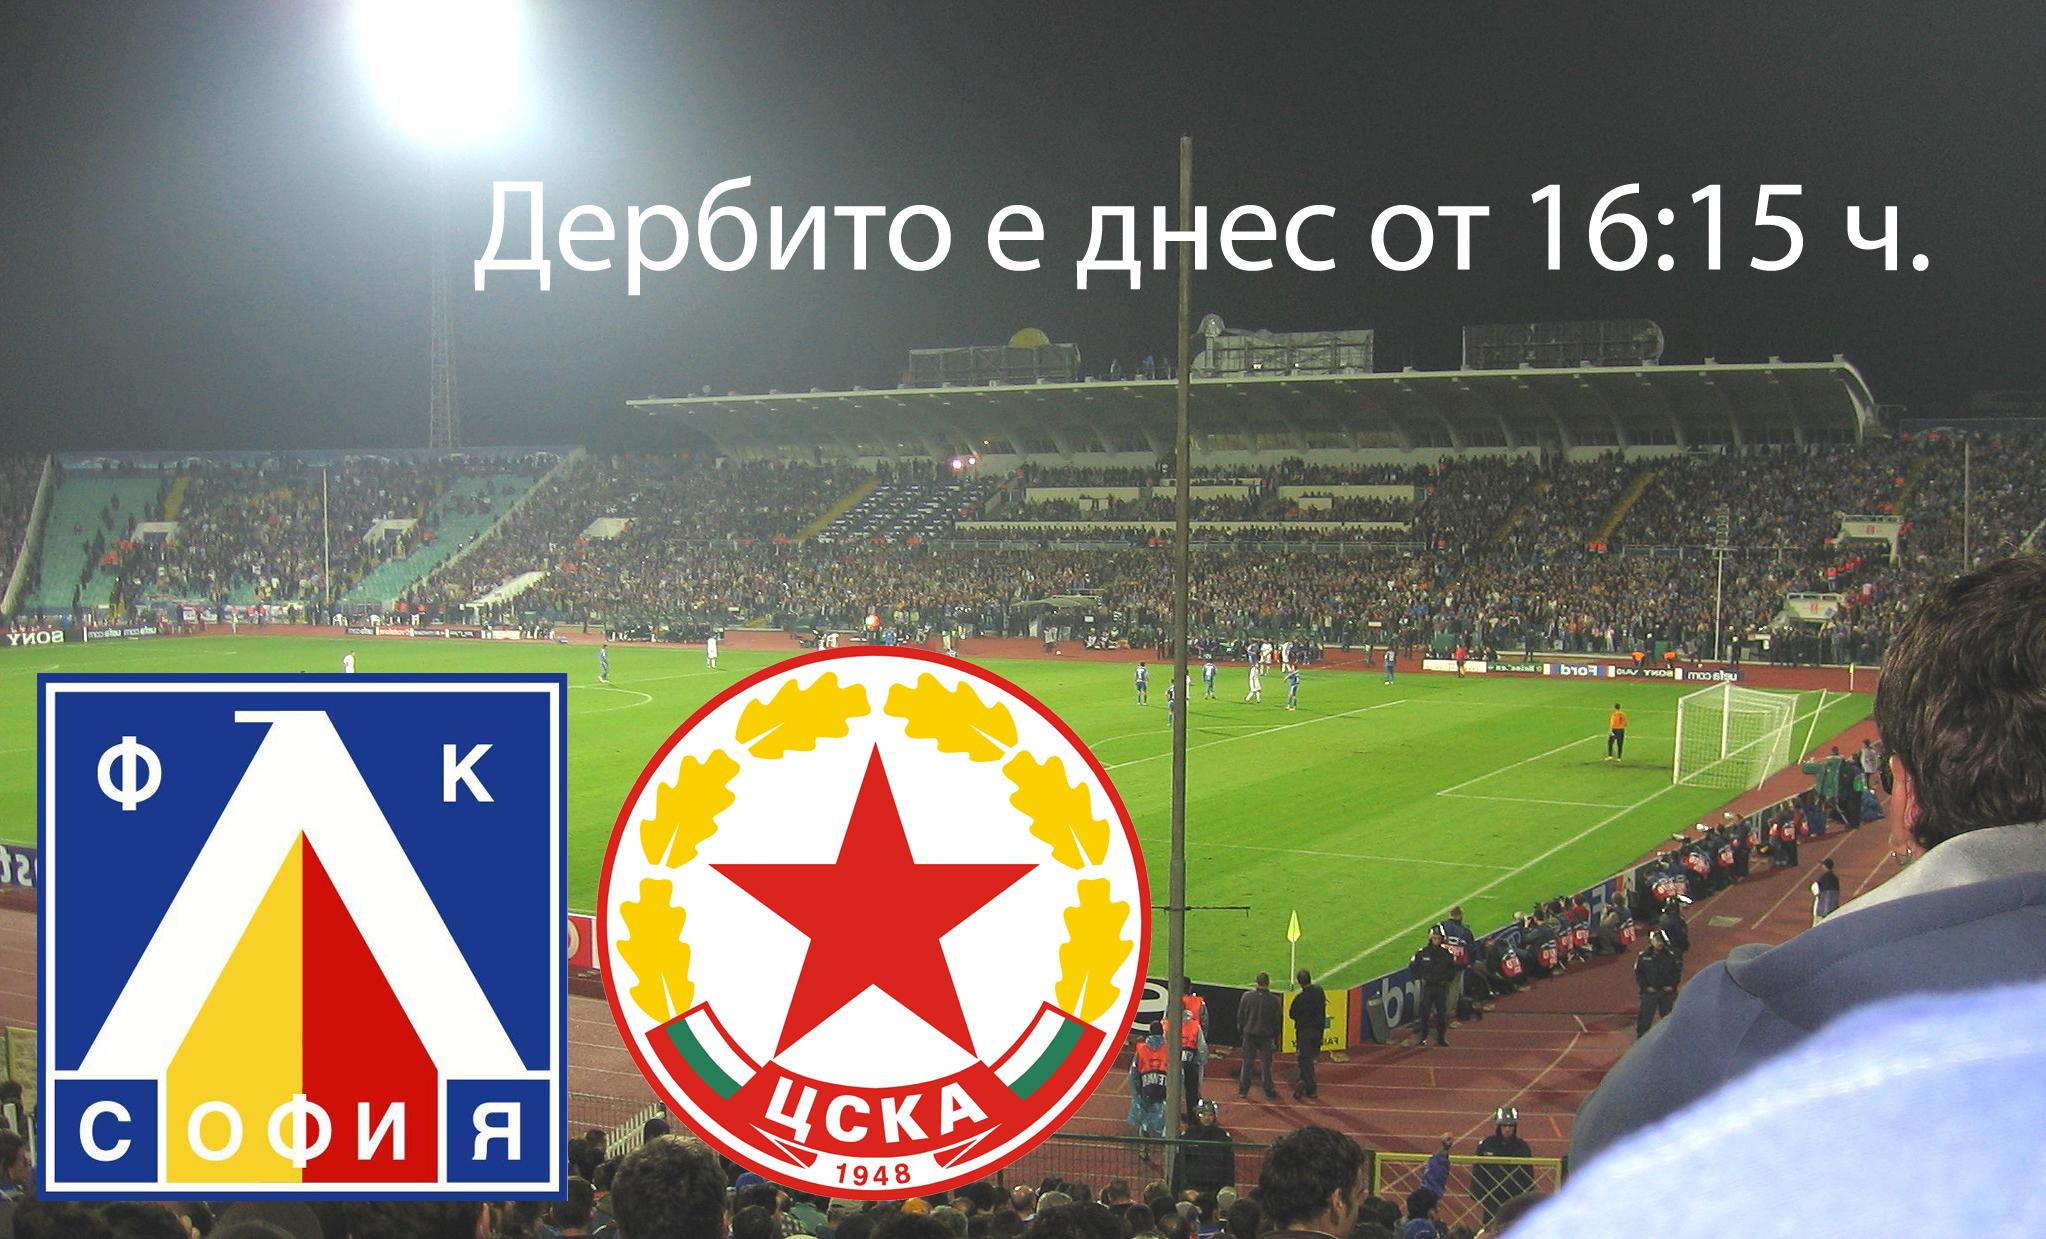 Brato.bg знае как ще завърши мачът Левски – ЦСКА